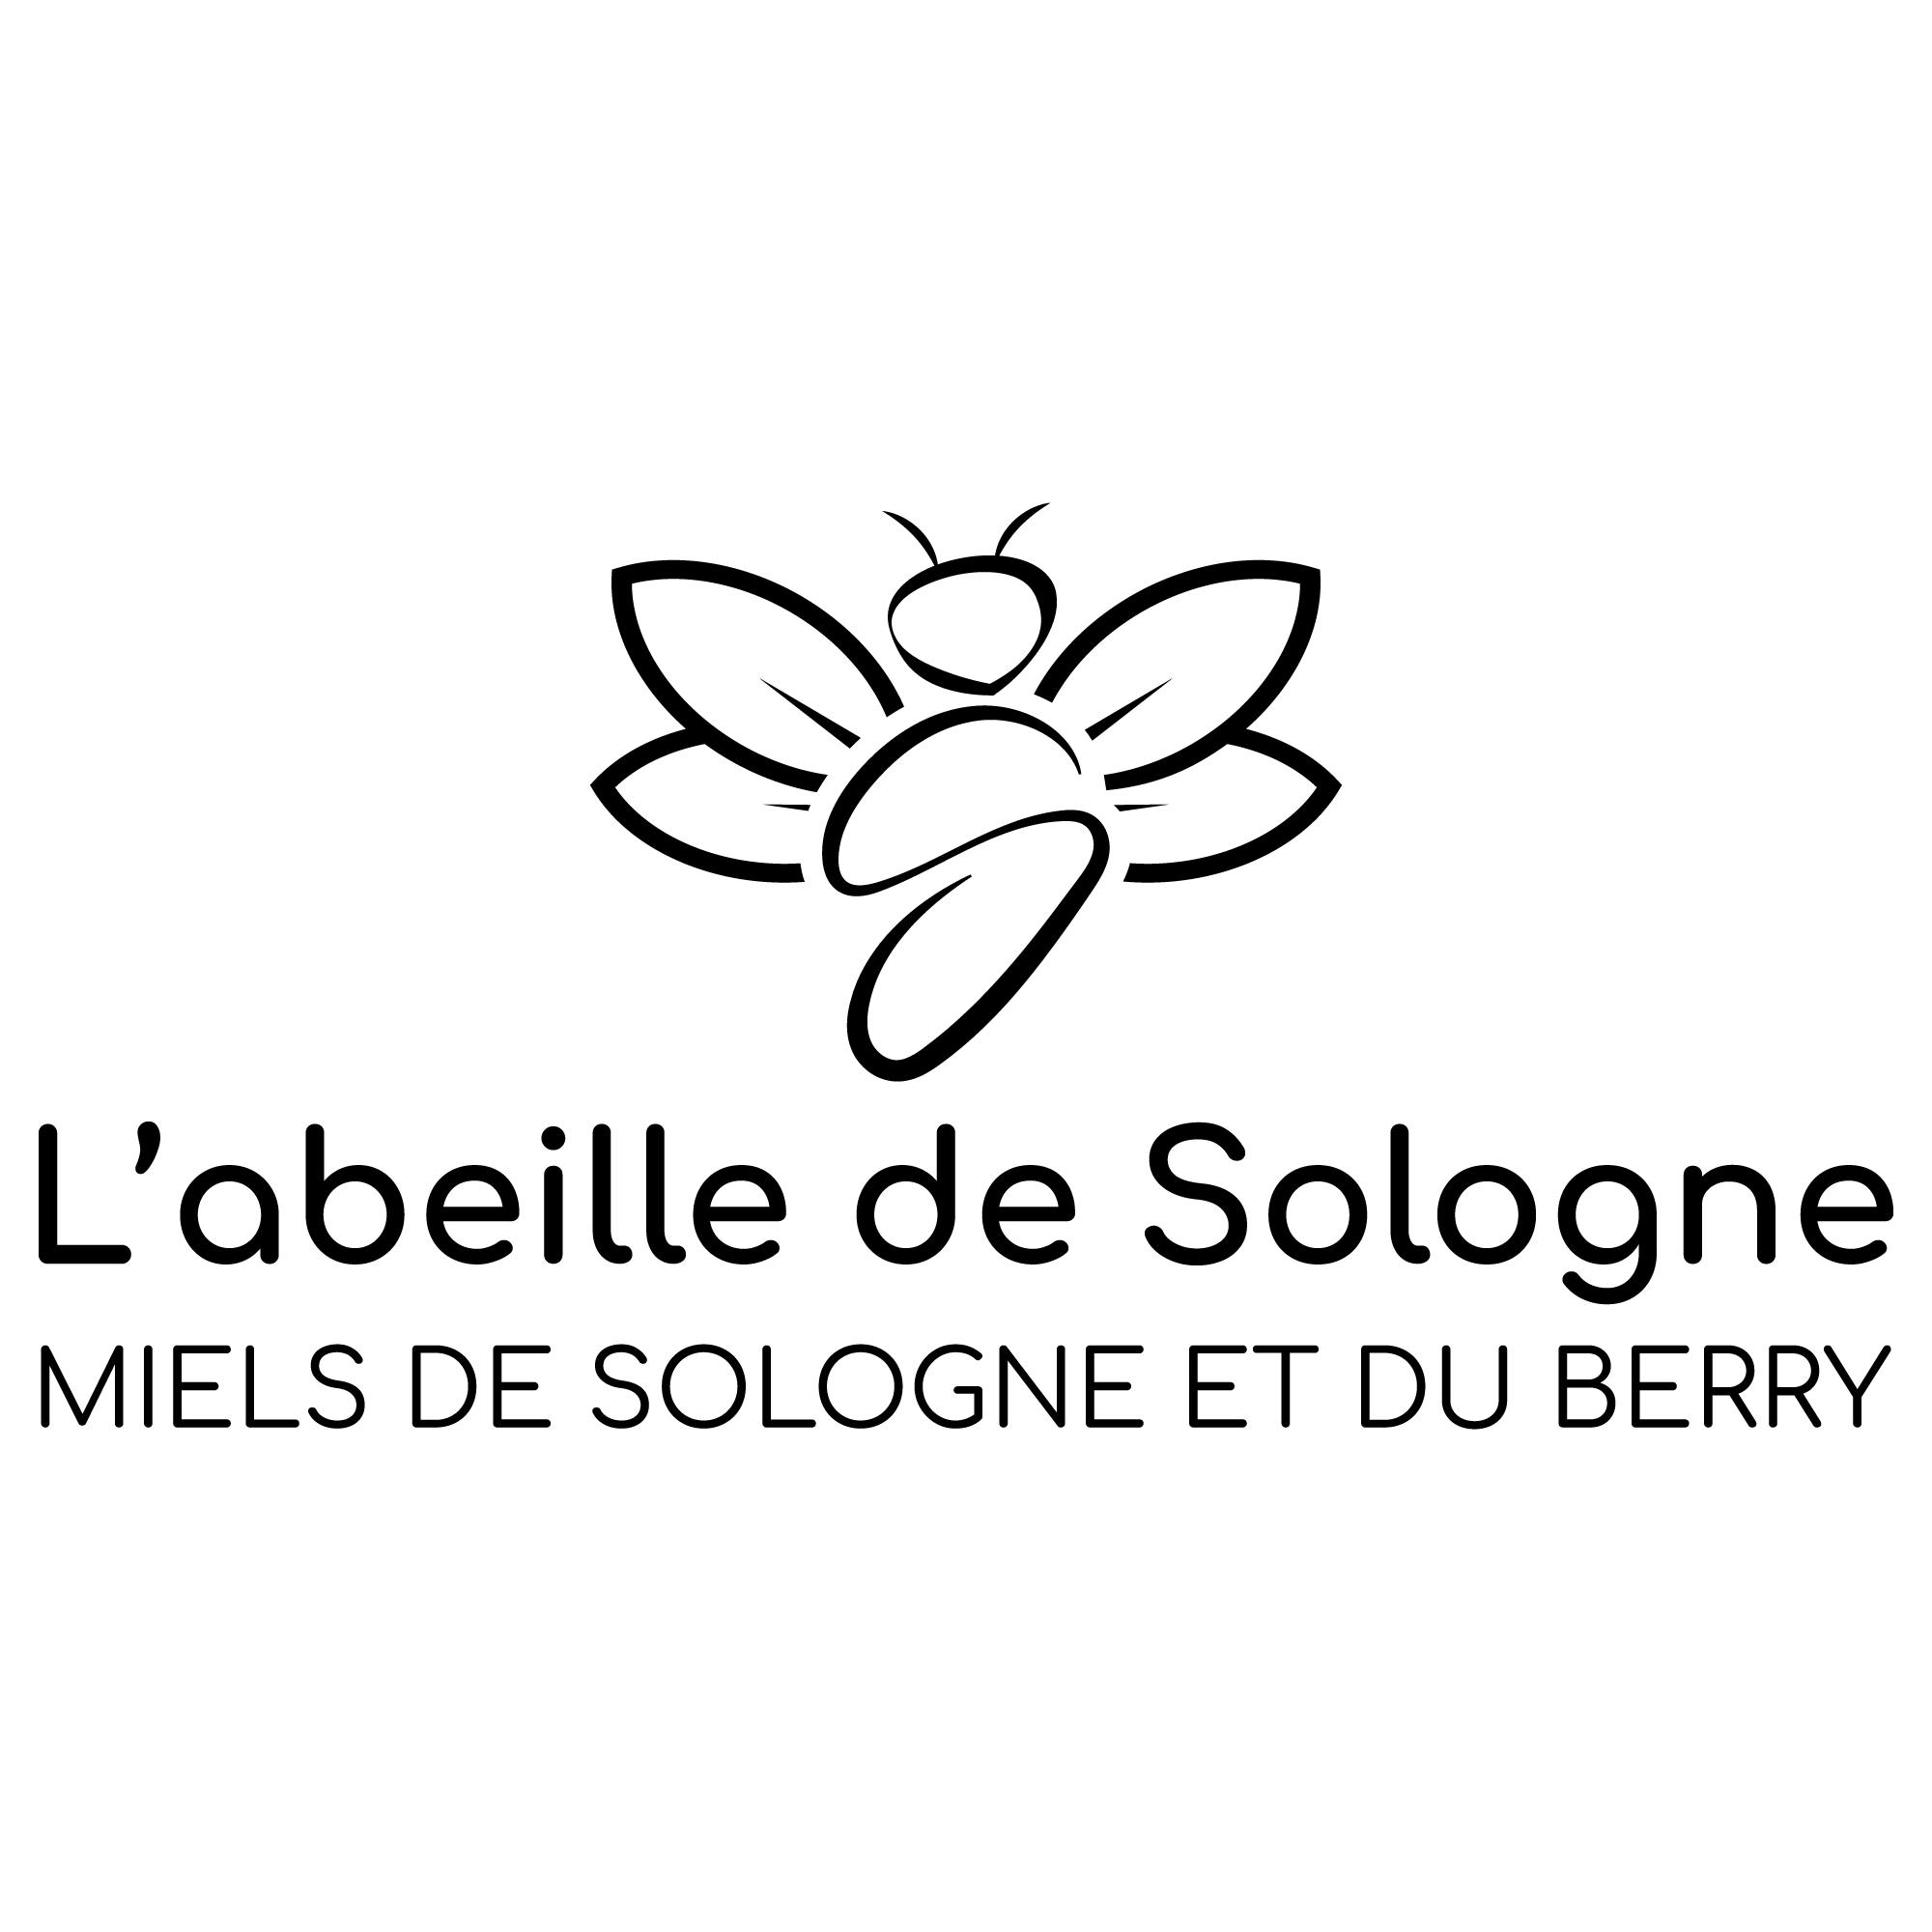 l_abeille_de_sologne_logo